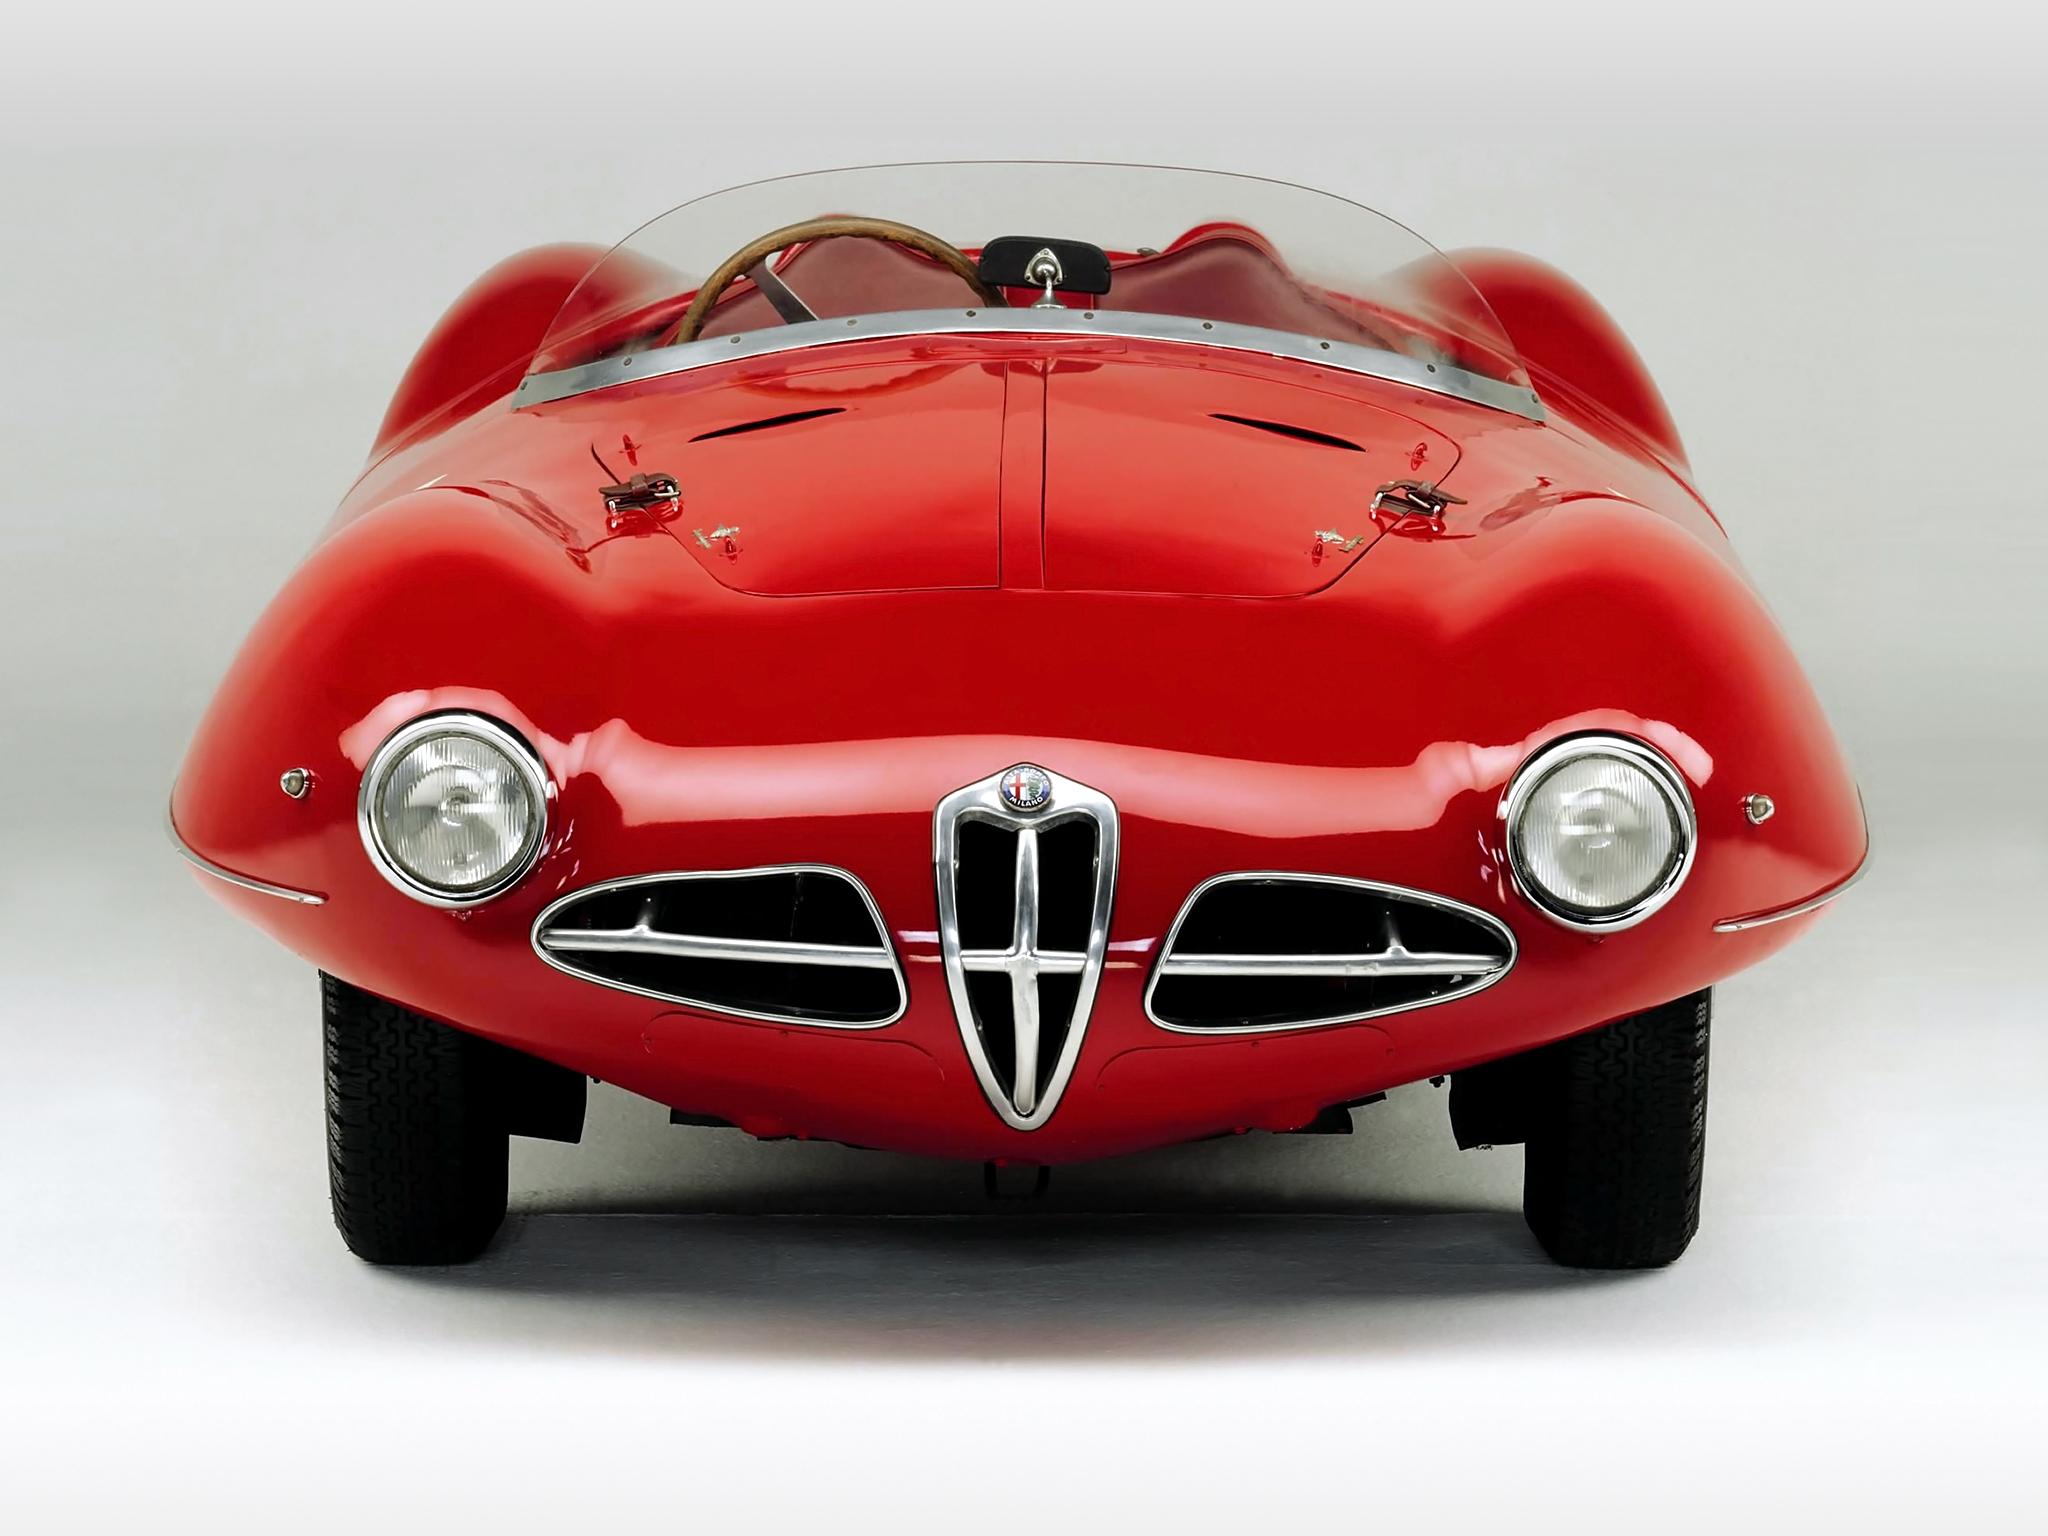 Alfa Romeo Giulietta Alfa Romeo Giulietta Price amp Specs